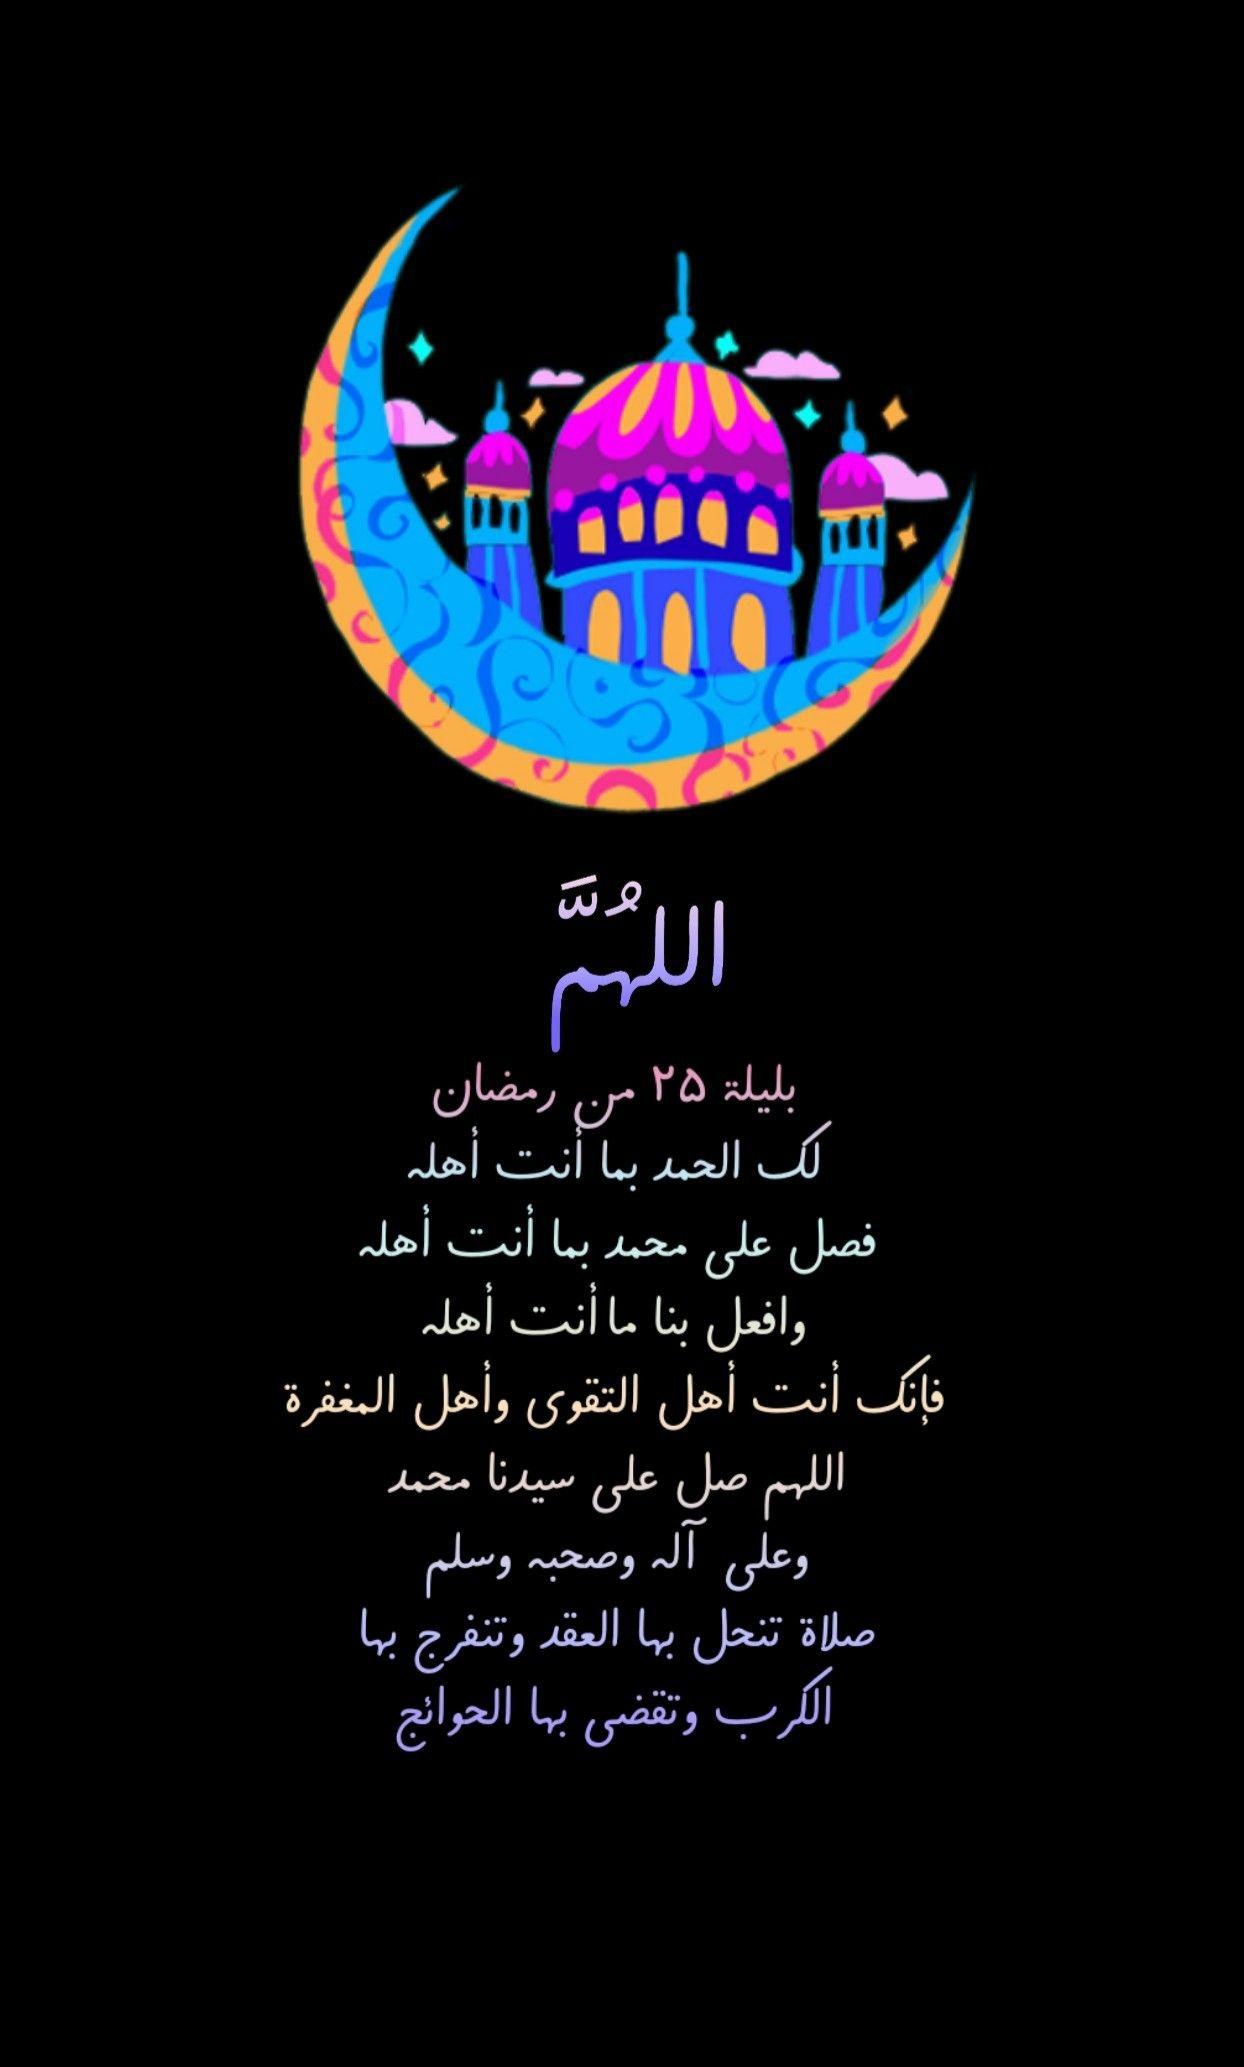 الله م بليلة ٢٥ من رمضان لك الحمد بما أنت أهله فصل على محمد بما أنت أهله وافعل بنا ما أنت أهله فإنك أنت Ramadan Islamic Pictures Sunday Morning Quotes